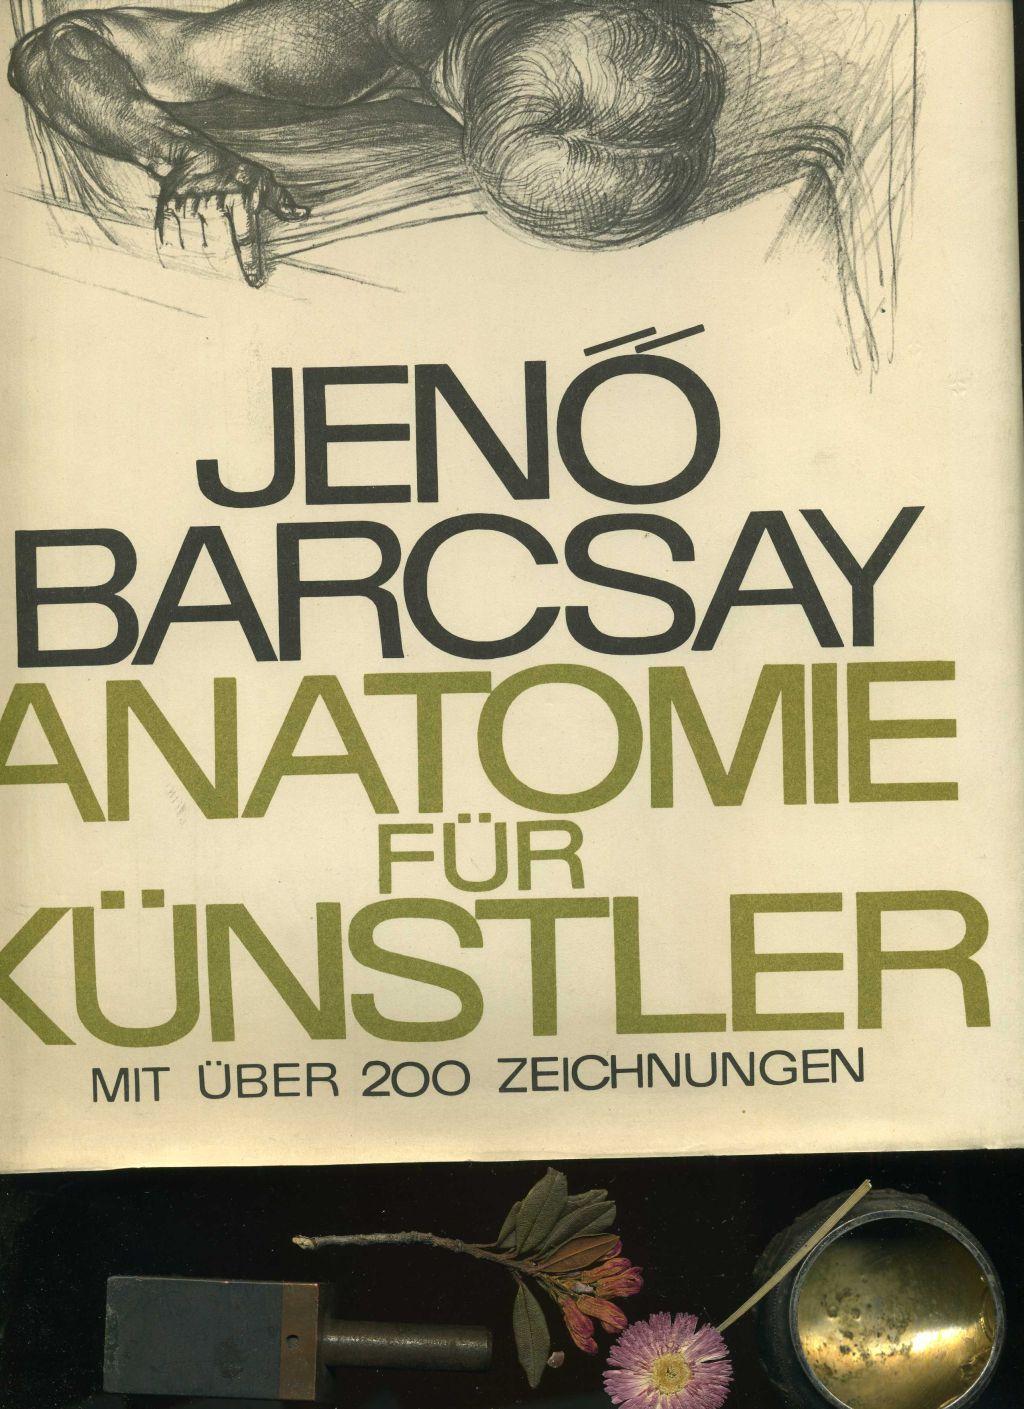 """Barcsay Jeno, Anatomie für Künstler"""" – Bücher gebraucht ..."""